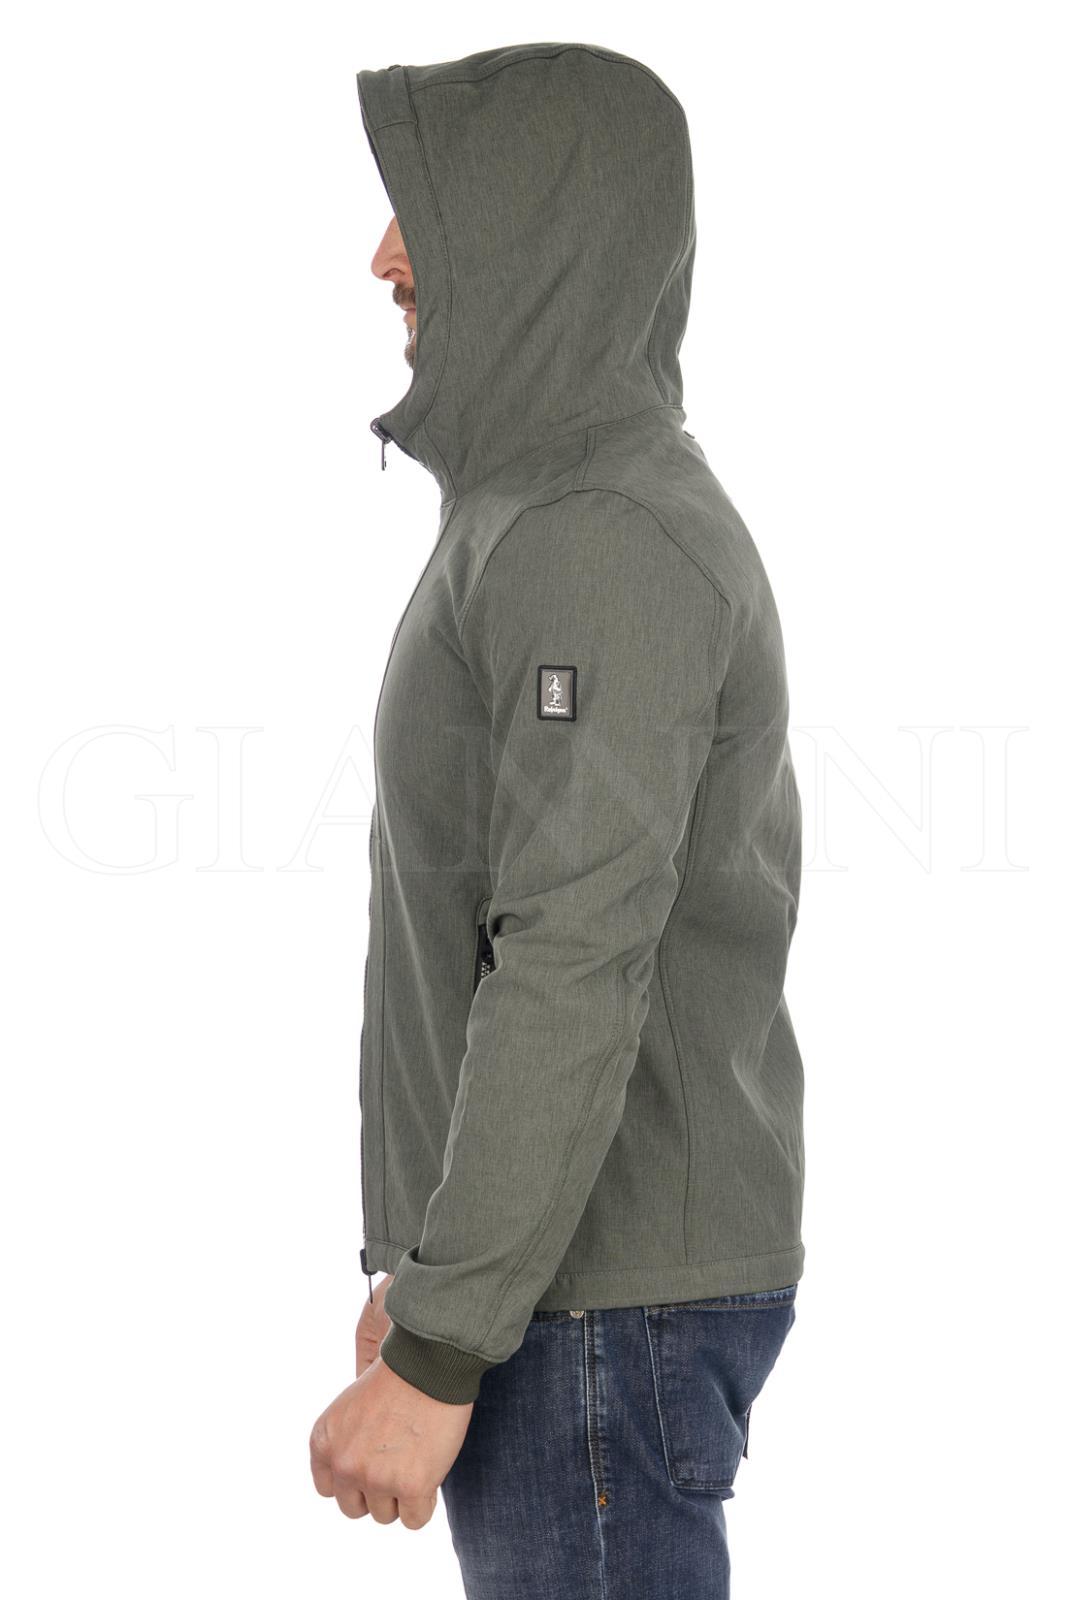 nuovo prodotto debf3 5cb92 Refrigue Giubbotto short evolution m r57437yhs2m   Giannini Shop ...